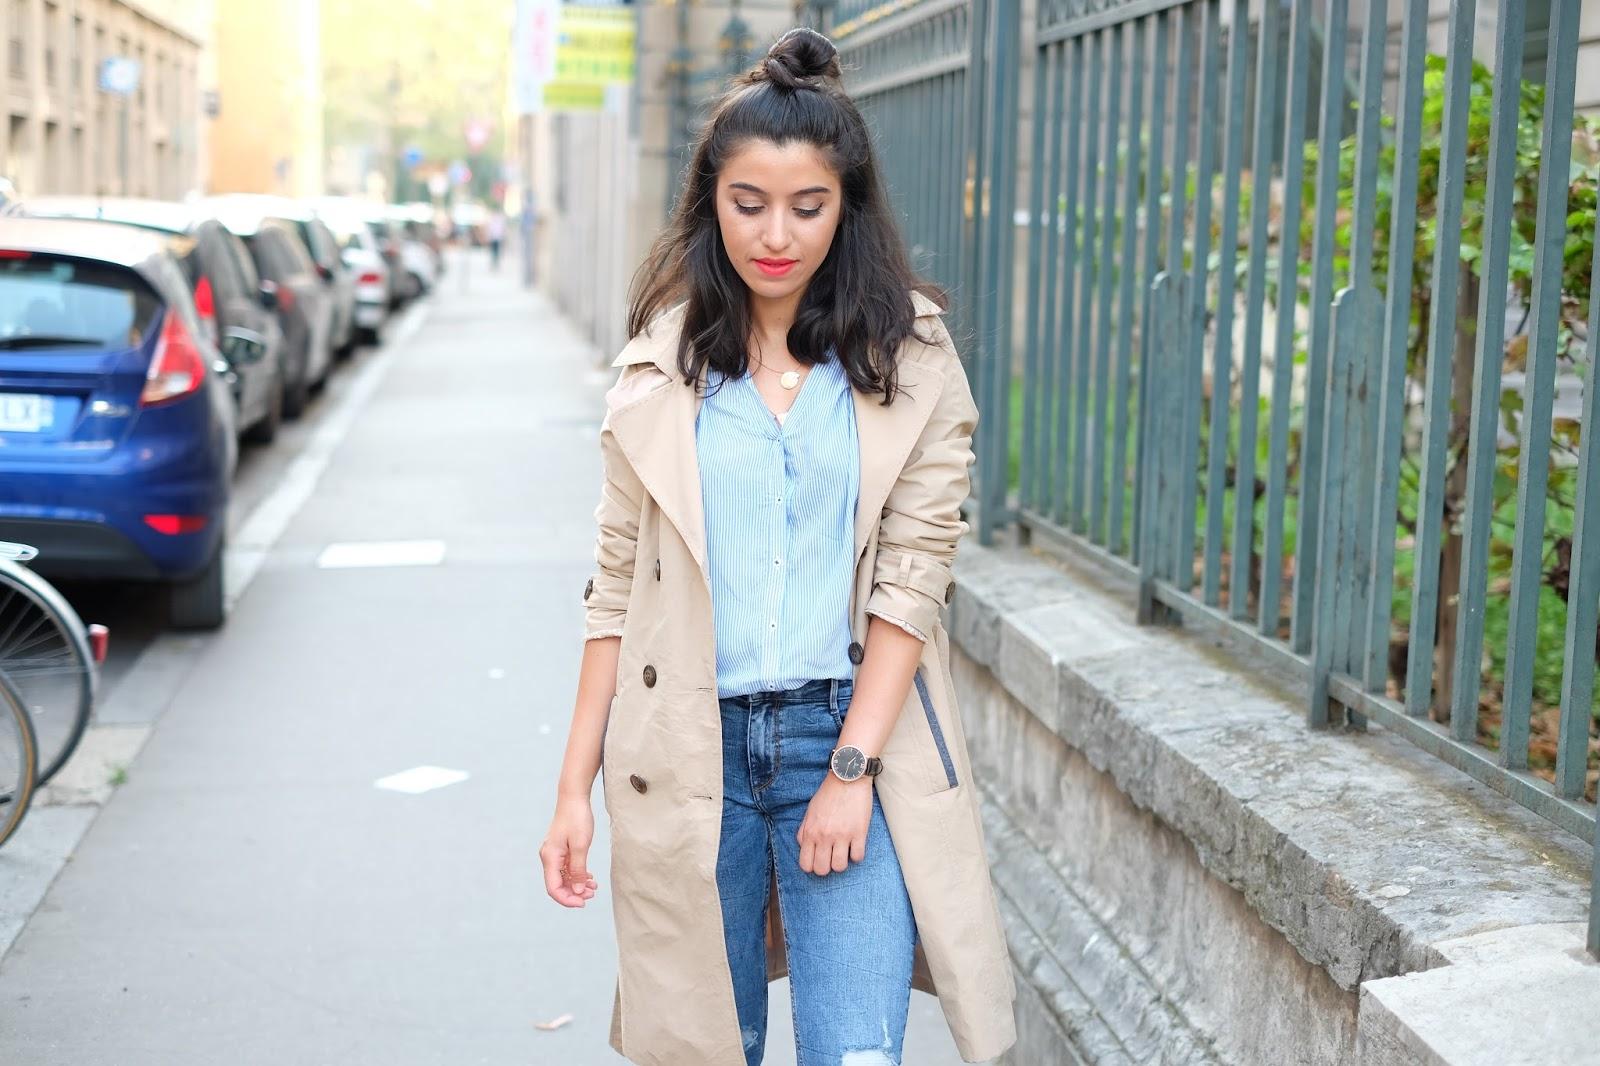 blog mode, blog mode lyon, grain de malice, look de rentrée, automne, rentrée, trench, trench beige, trench imperméable, blogueuse mode, blogueuse lyonnaise, blog mode paris